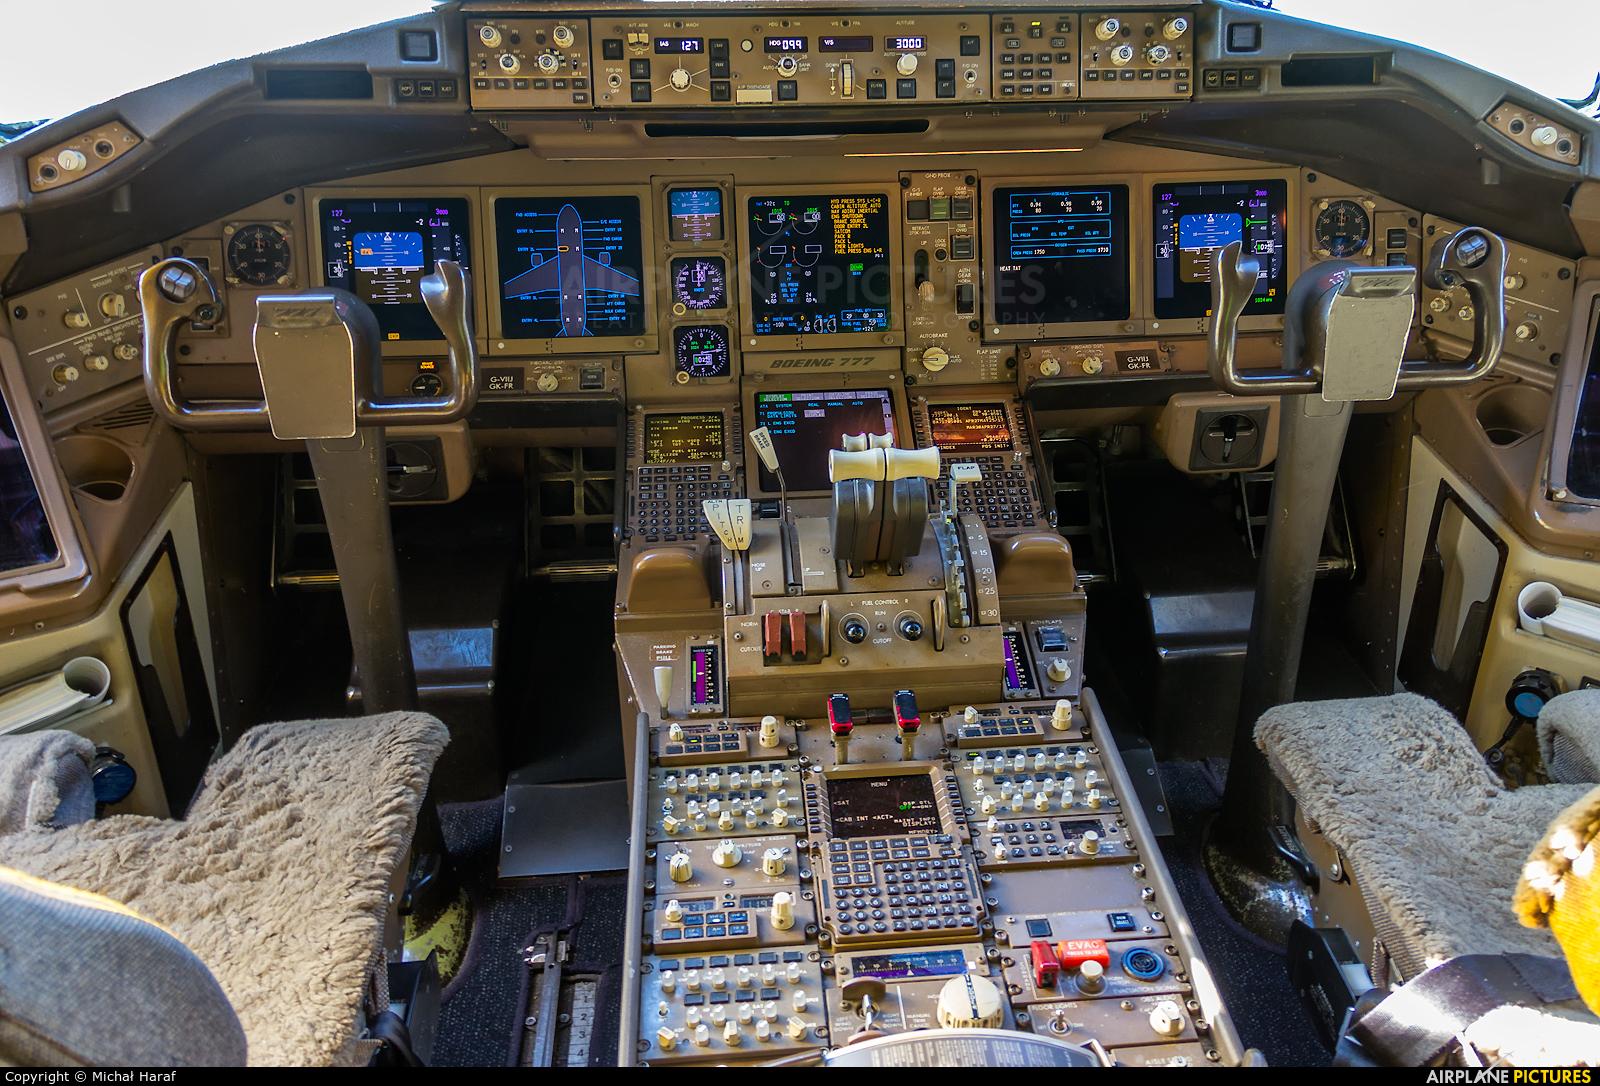 British Airways G-VIIJ aircraft at Dublin